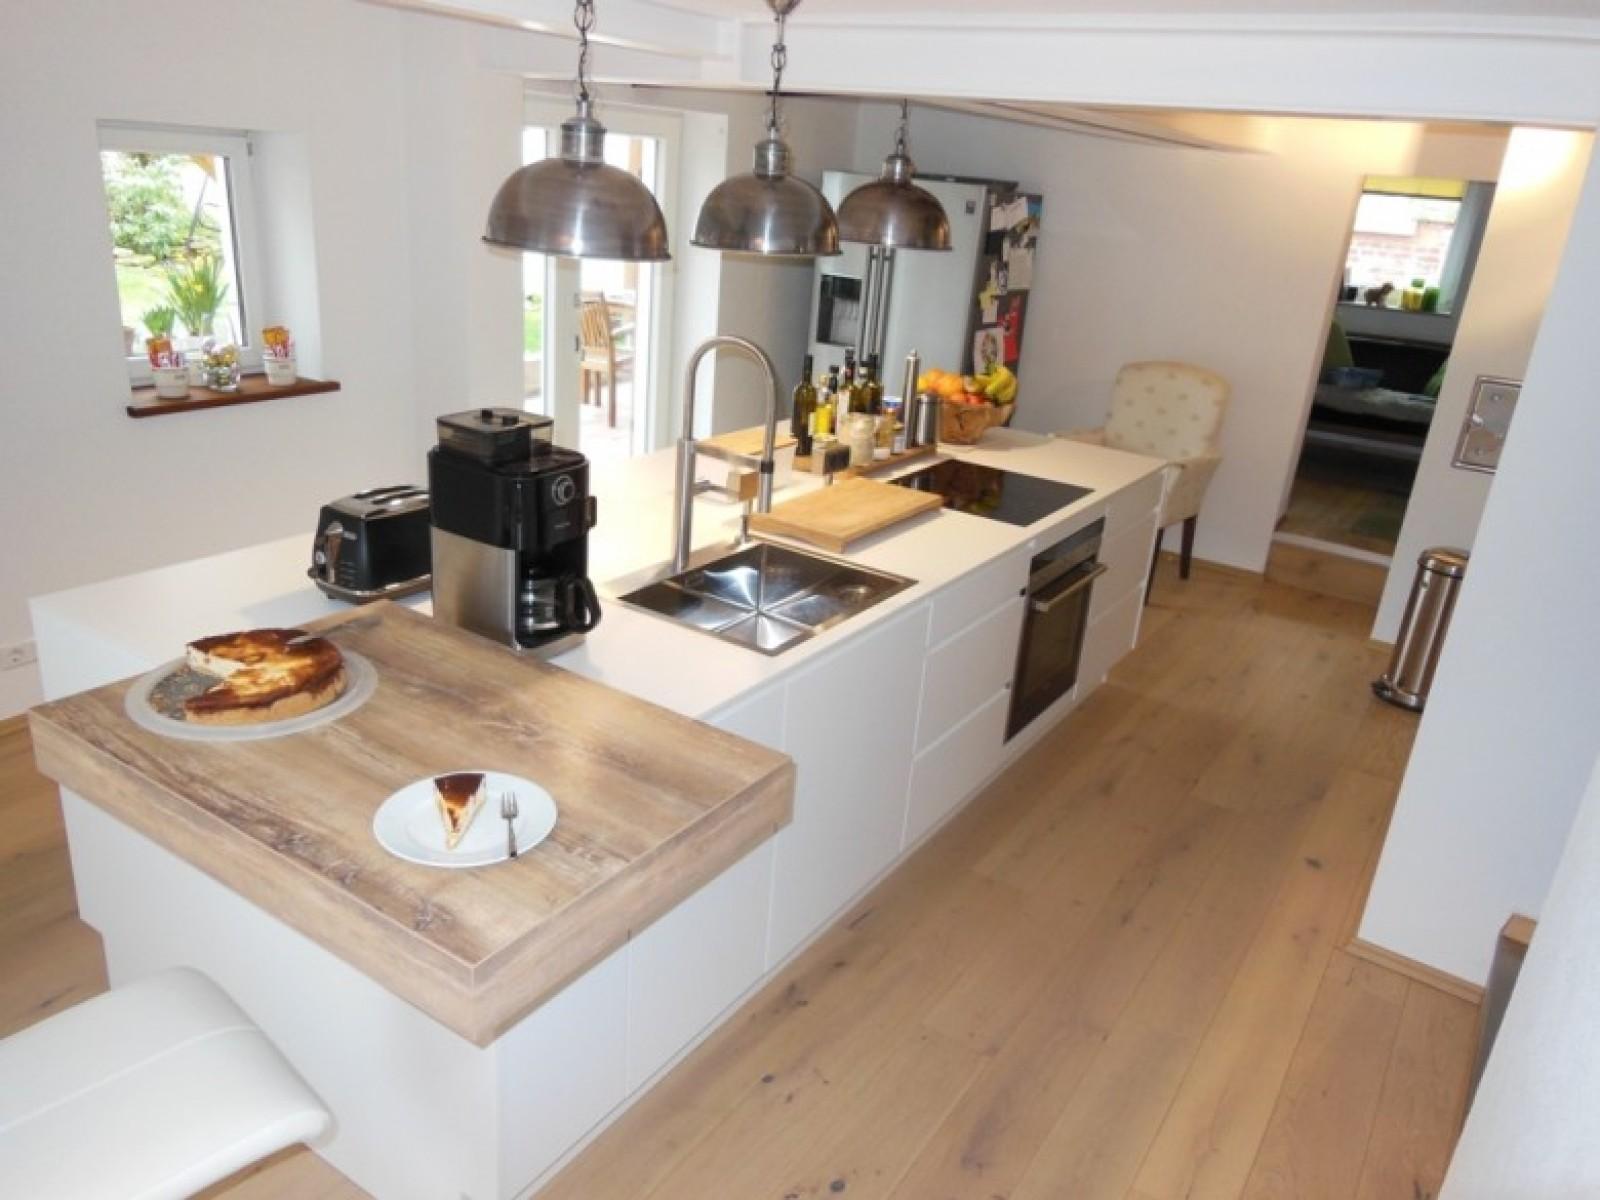 Fabelhaft Rempp Küche Foto Von Neben Unseren Individuellen Schreiner-küchen Bieten Wir Ihnen